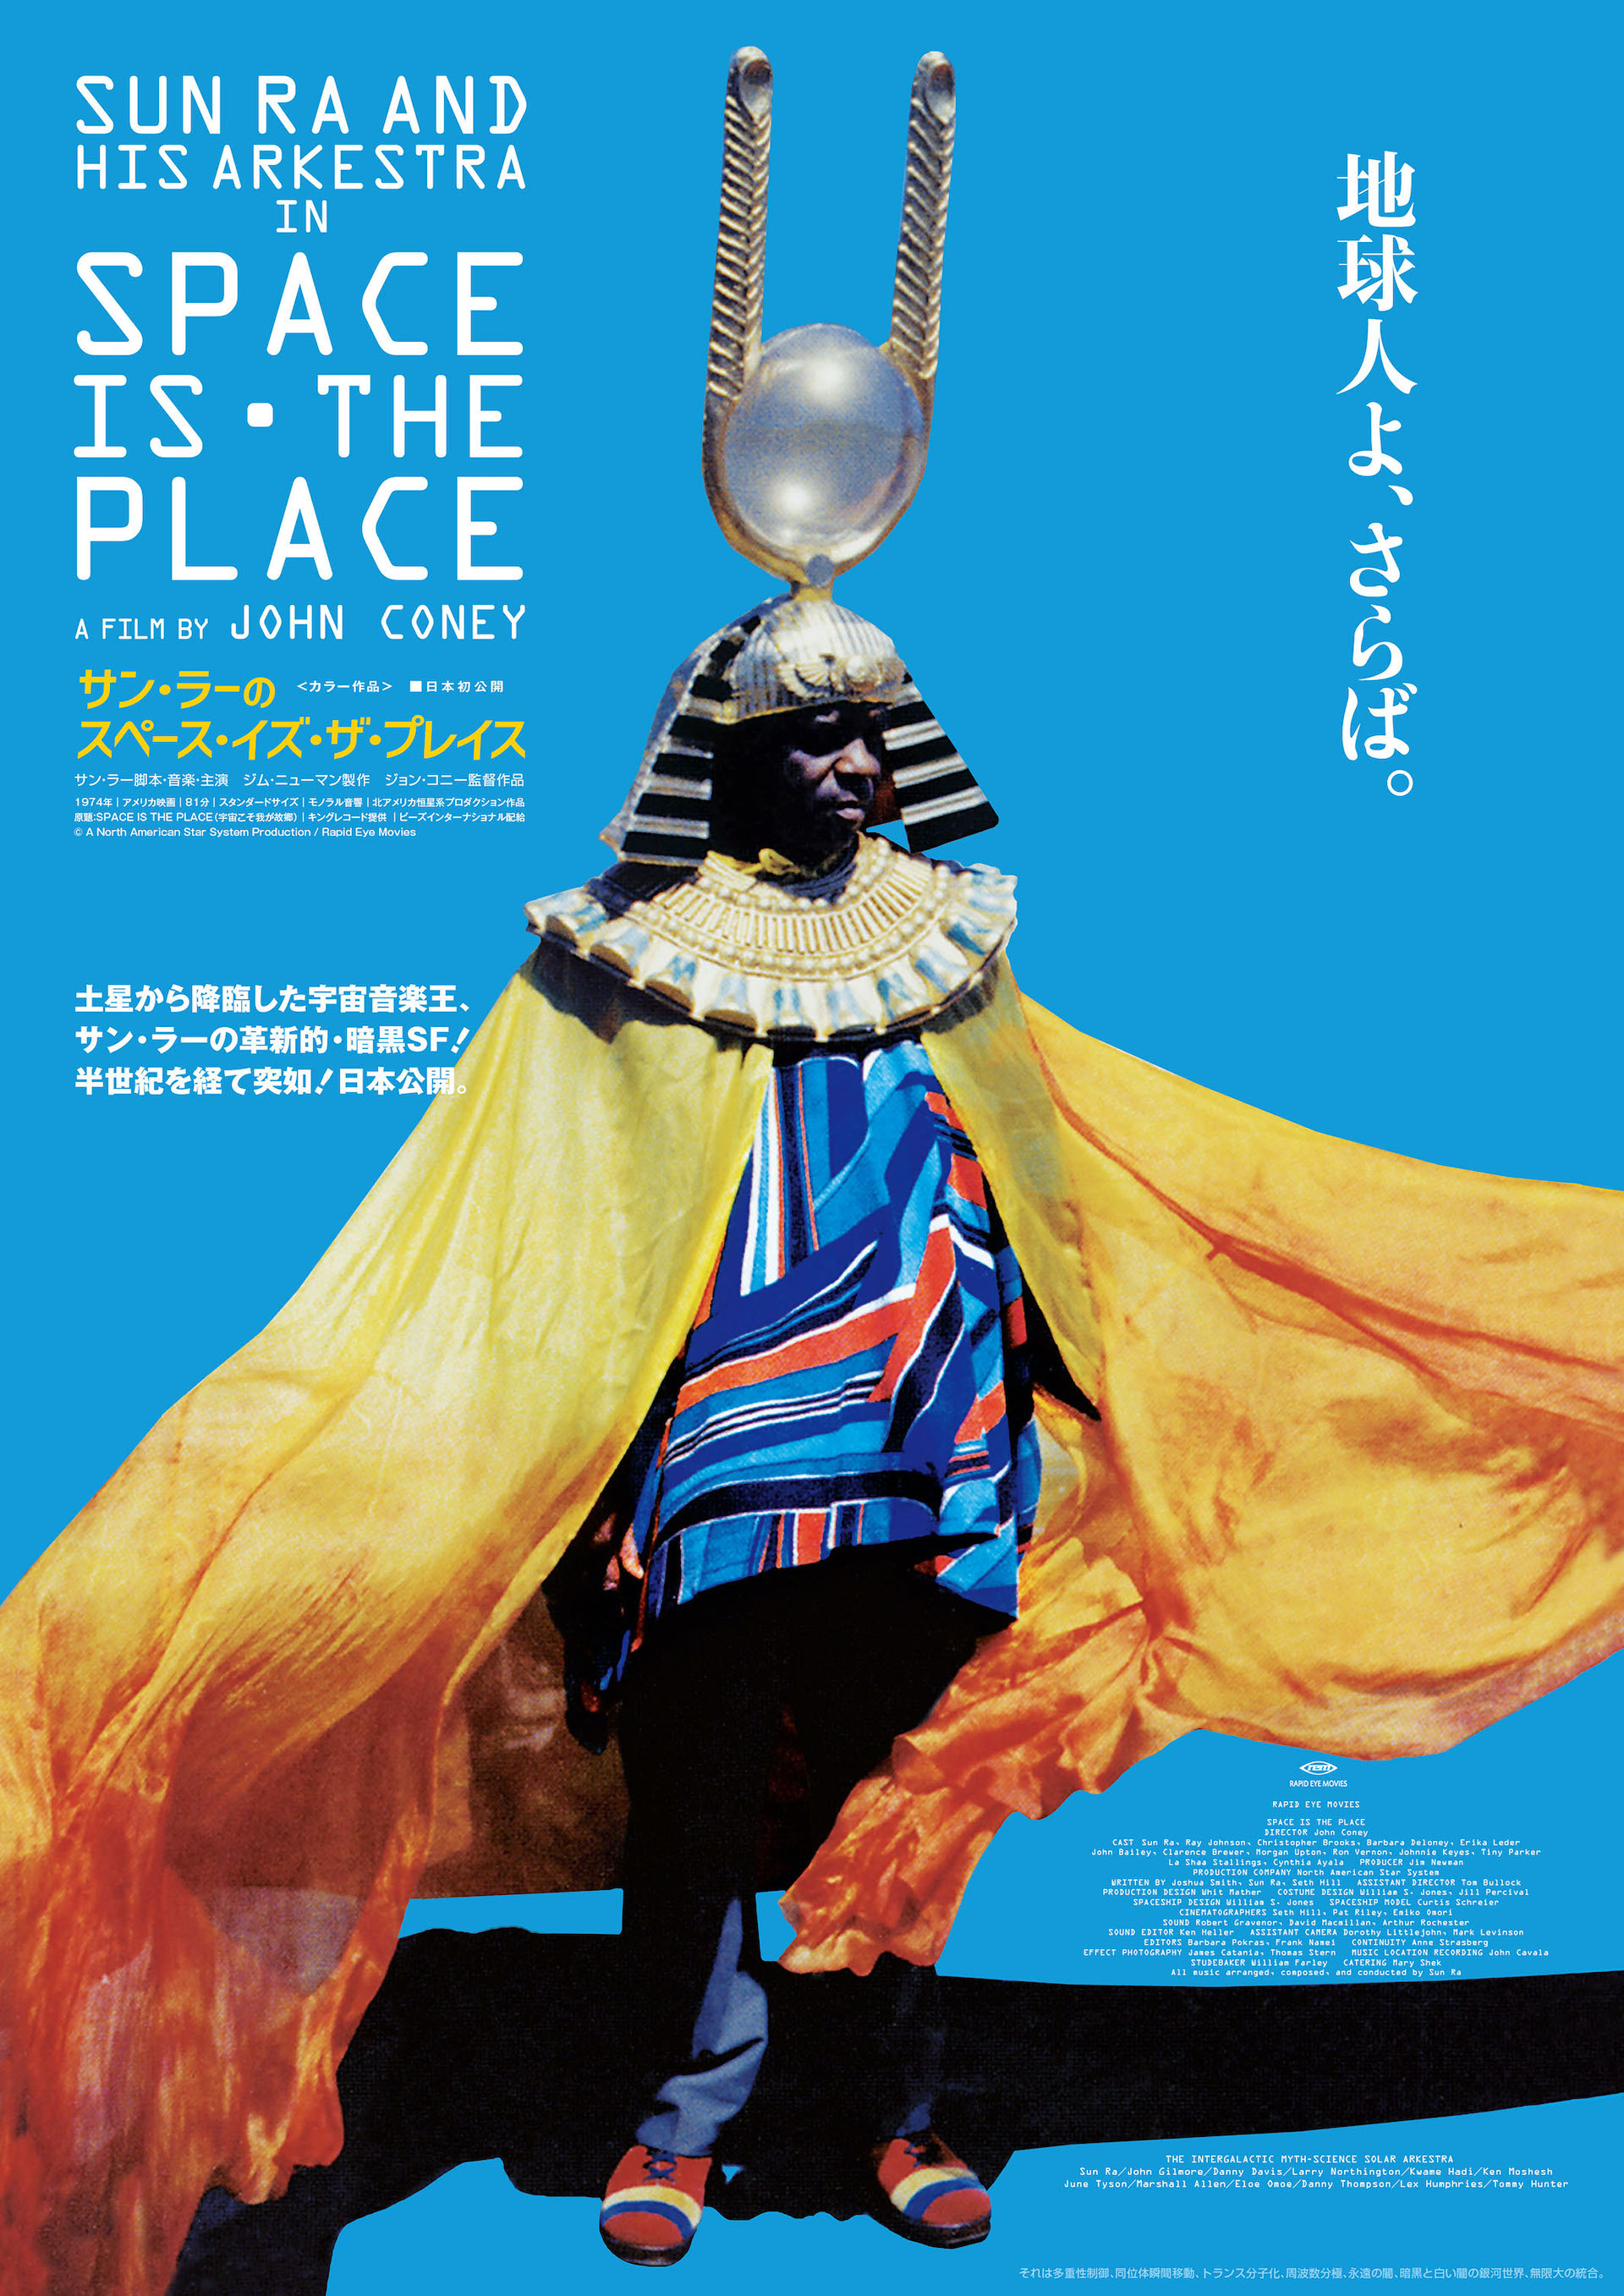 サン・ラーの革新的・暗黒SF『サン・ラーのスペース・イズ・ザ・プレイス』が半世紀を経て日本初公開!